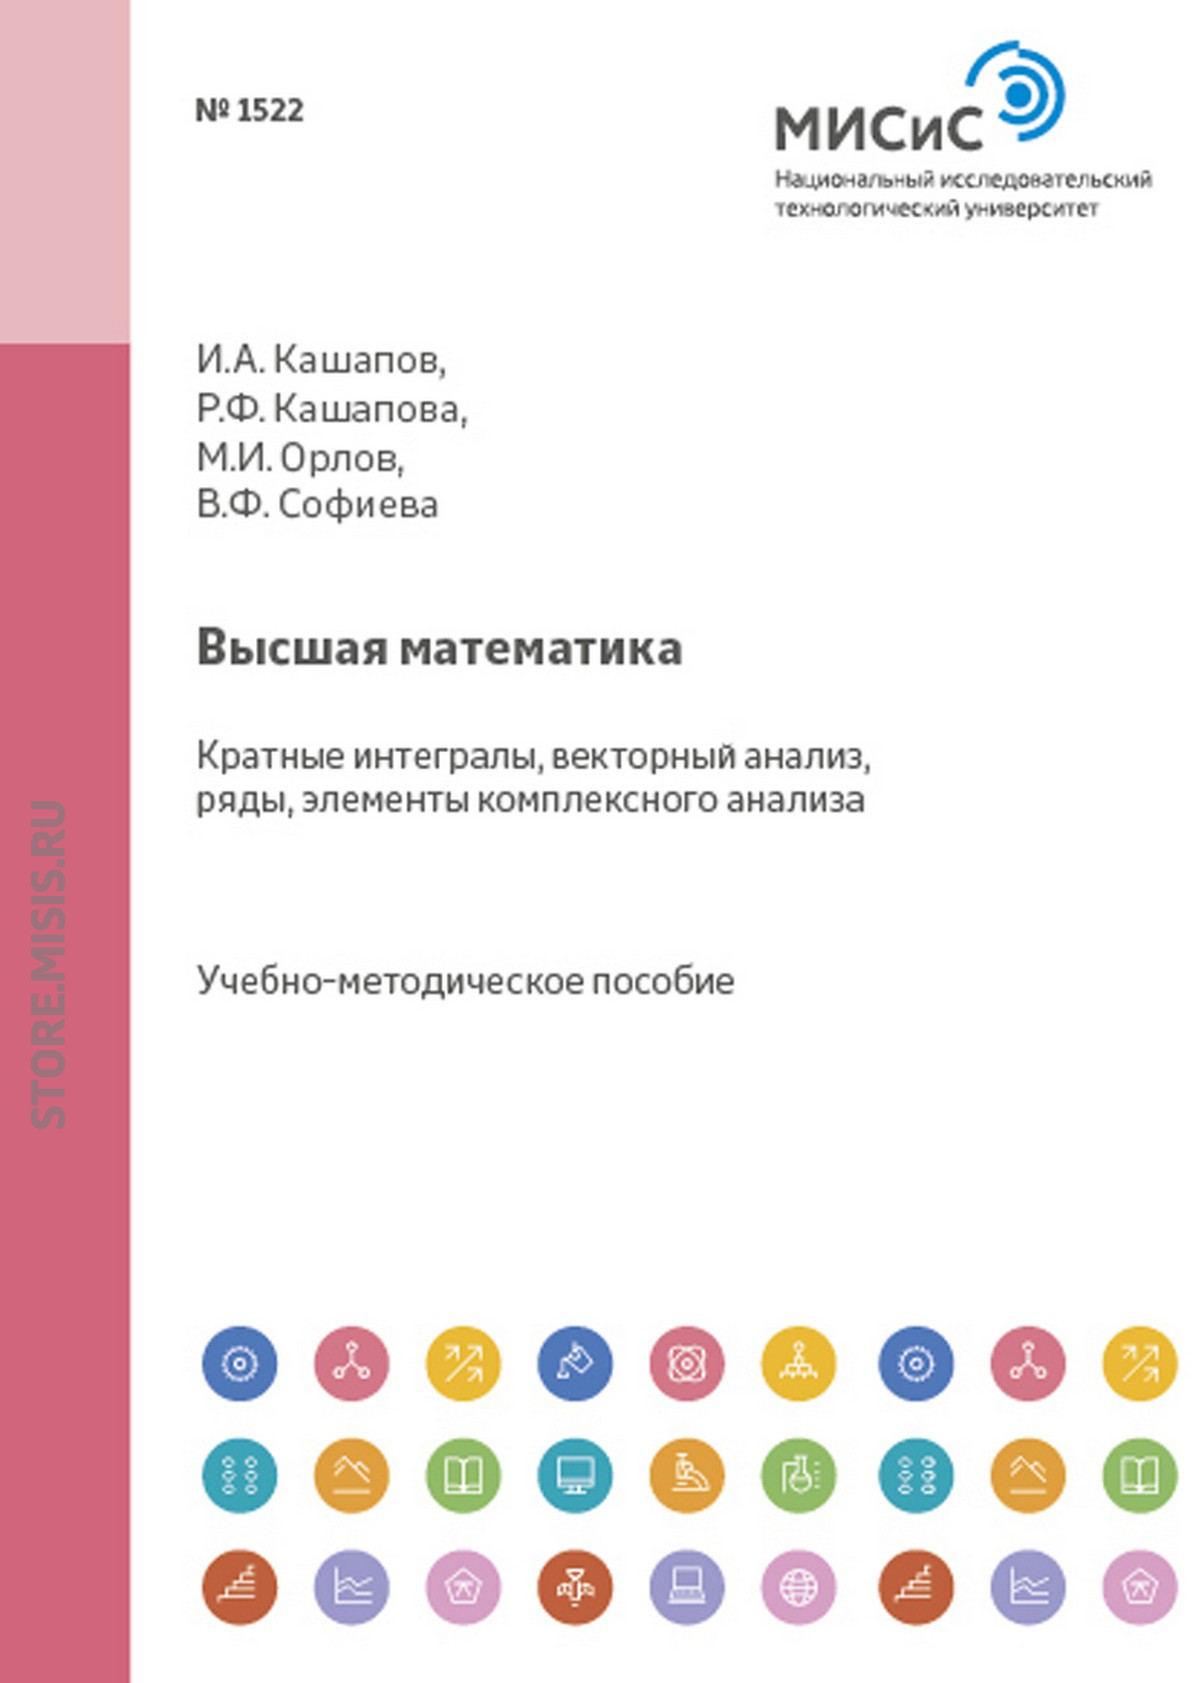 Ильяс Анварович Кашапов Высшая математика. Разделы: кратные интегралы, векторный анализ, ряды, элементы комплексного анализа л а захарова г н старикова история русского языка историческая грамматика